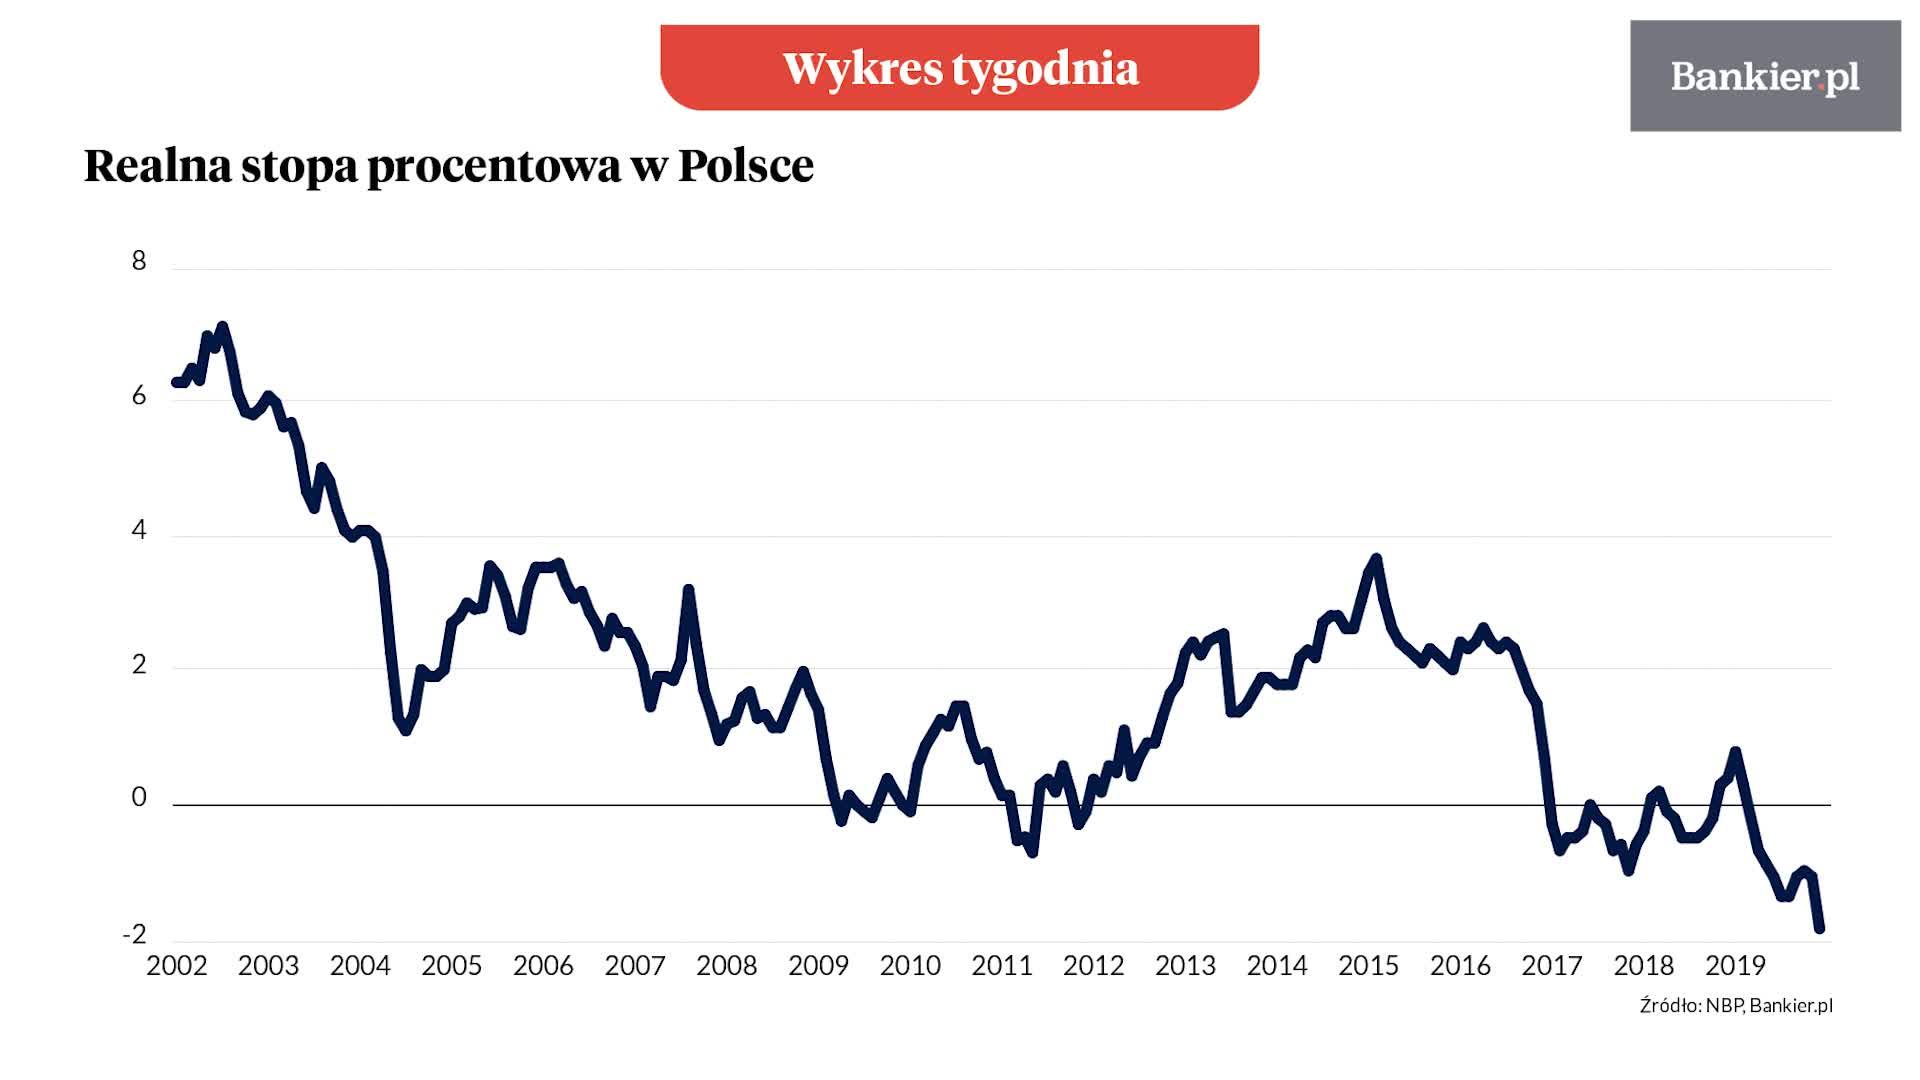 Wykres tygodnia: Mocno ujemnie oprocentowane pieniądze